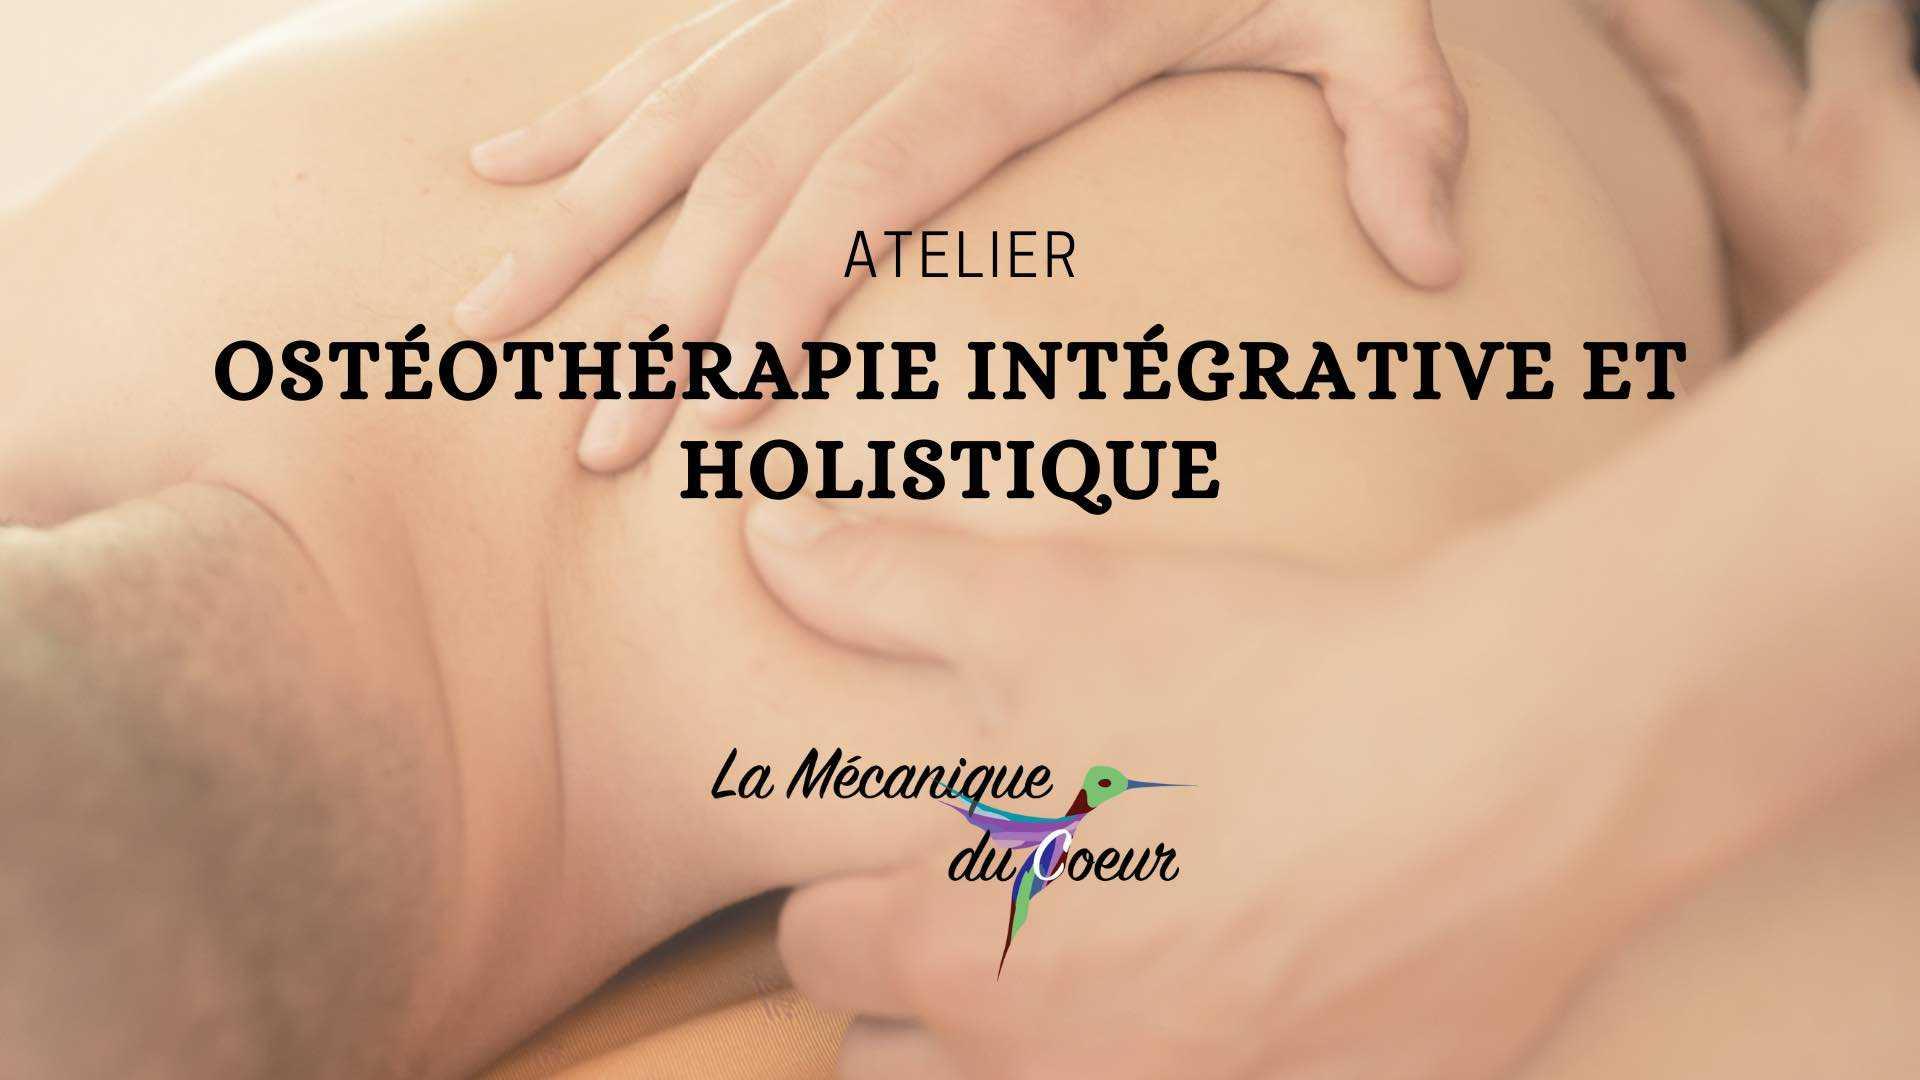 Copy of Publicités Ateliers automne 2021 - 1:1 (1920 x 1080 px)